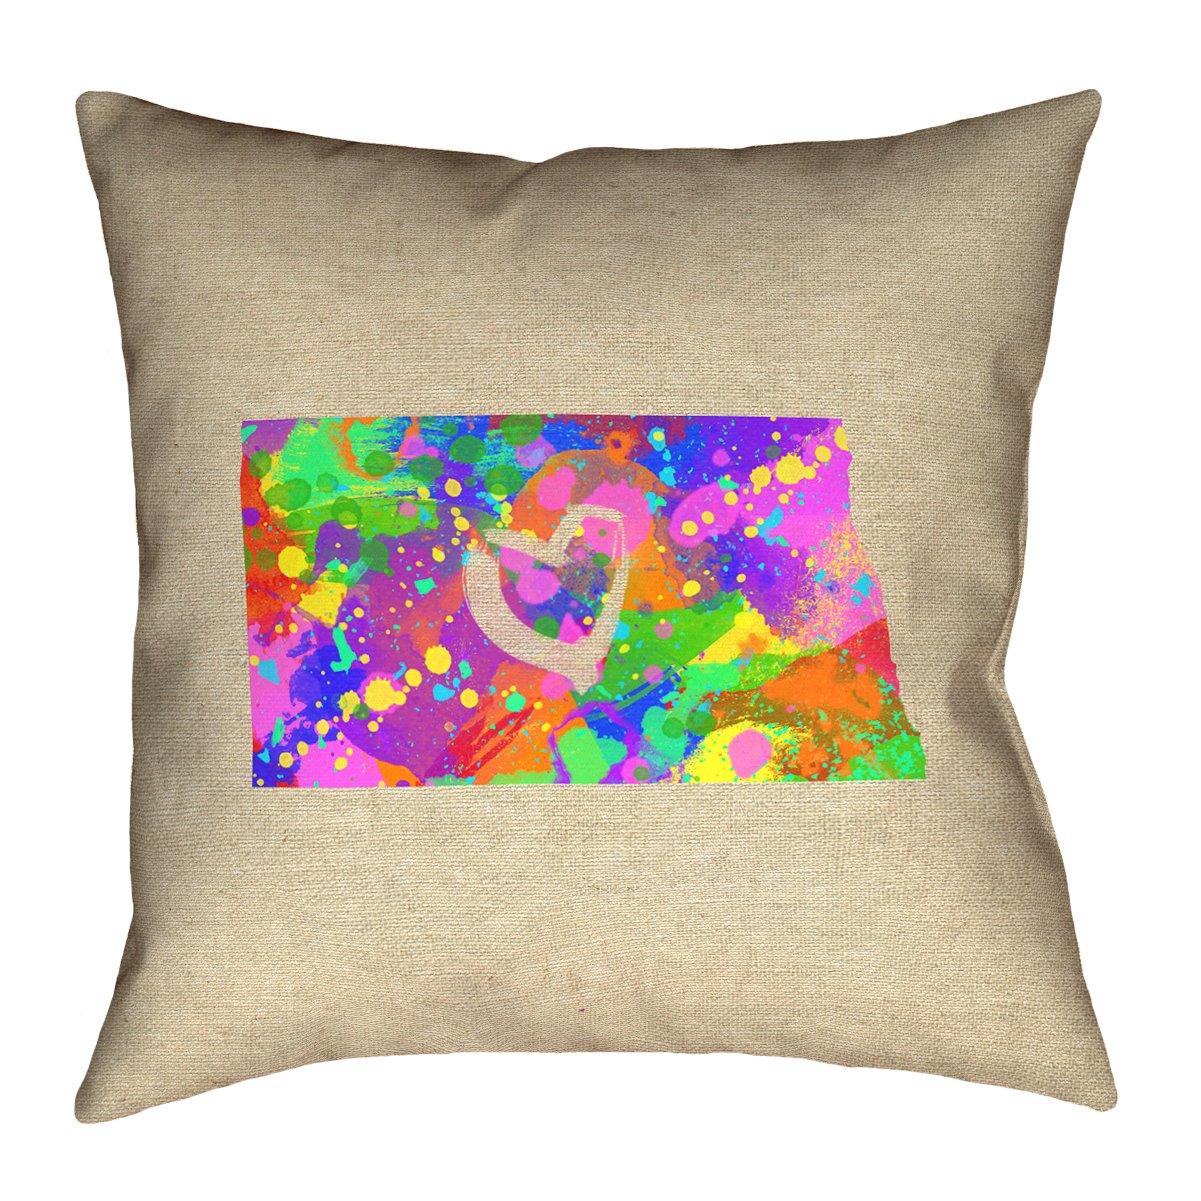 ArtVerse Katelyn Smith North Dakota Love Watercolor Pillow by ArtVerse (Image #1)